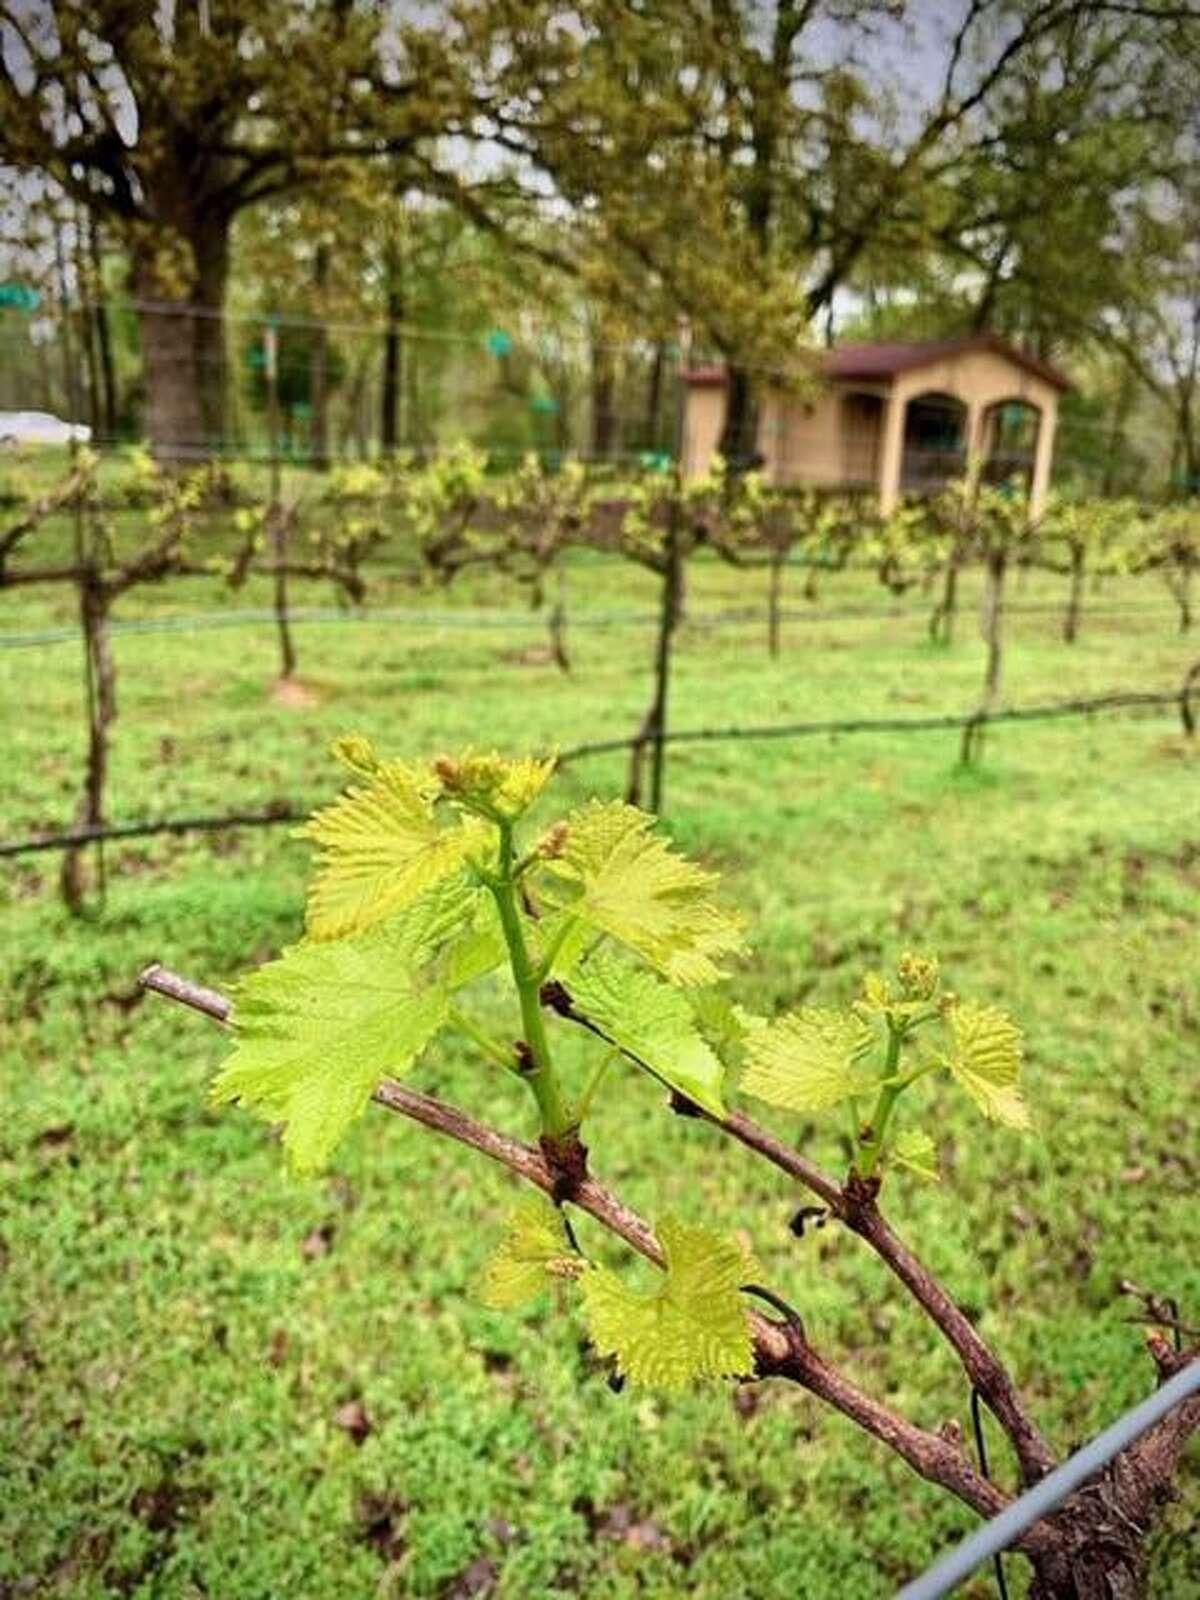 Bud break in a vineyard at the Los Pinos vineyard in northeast Texas.